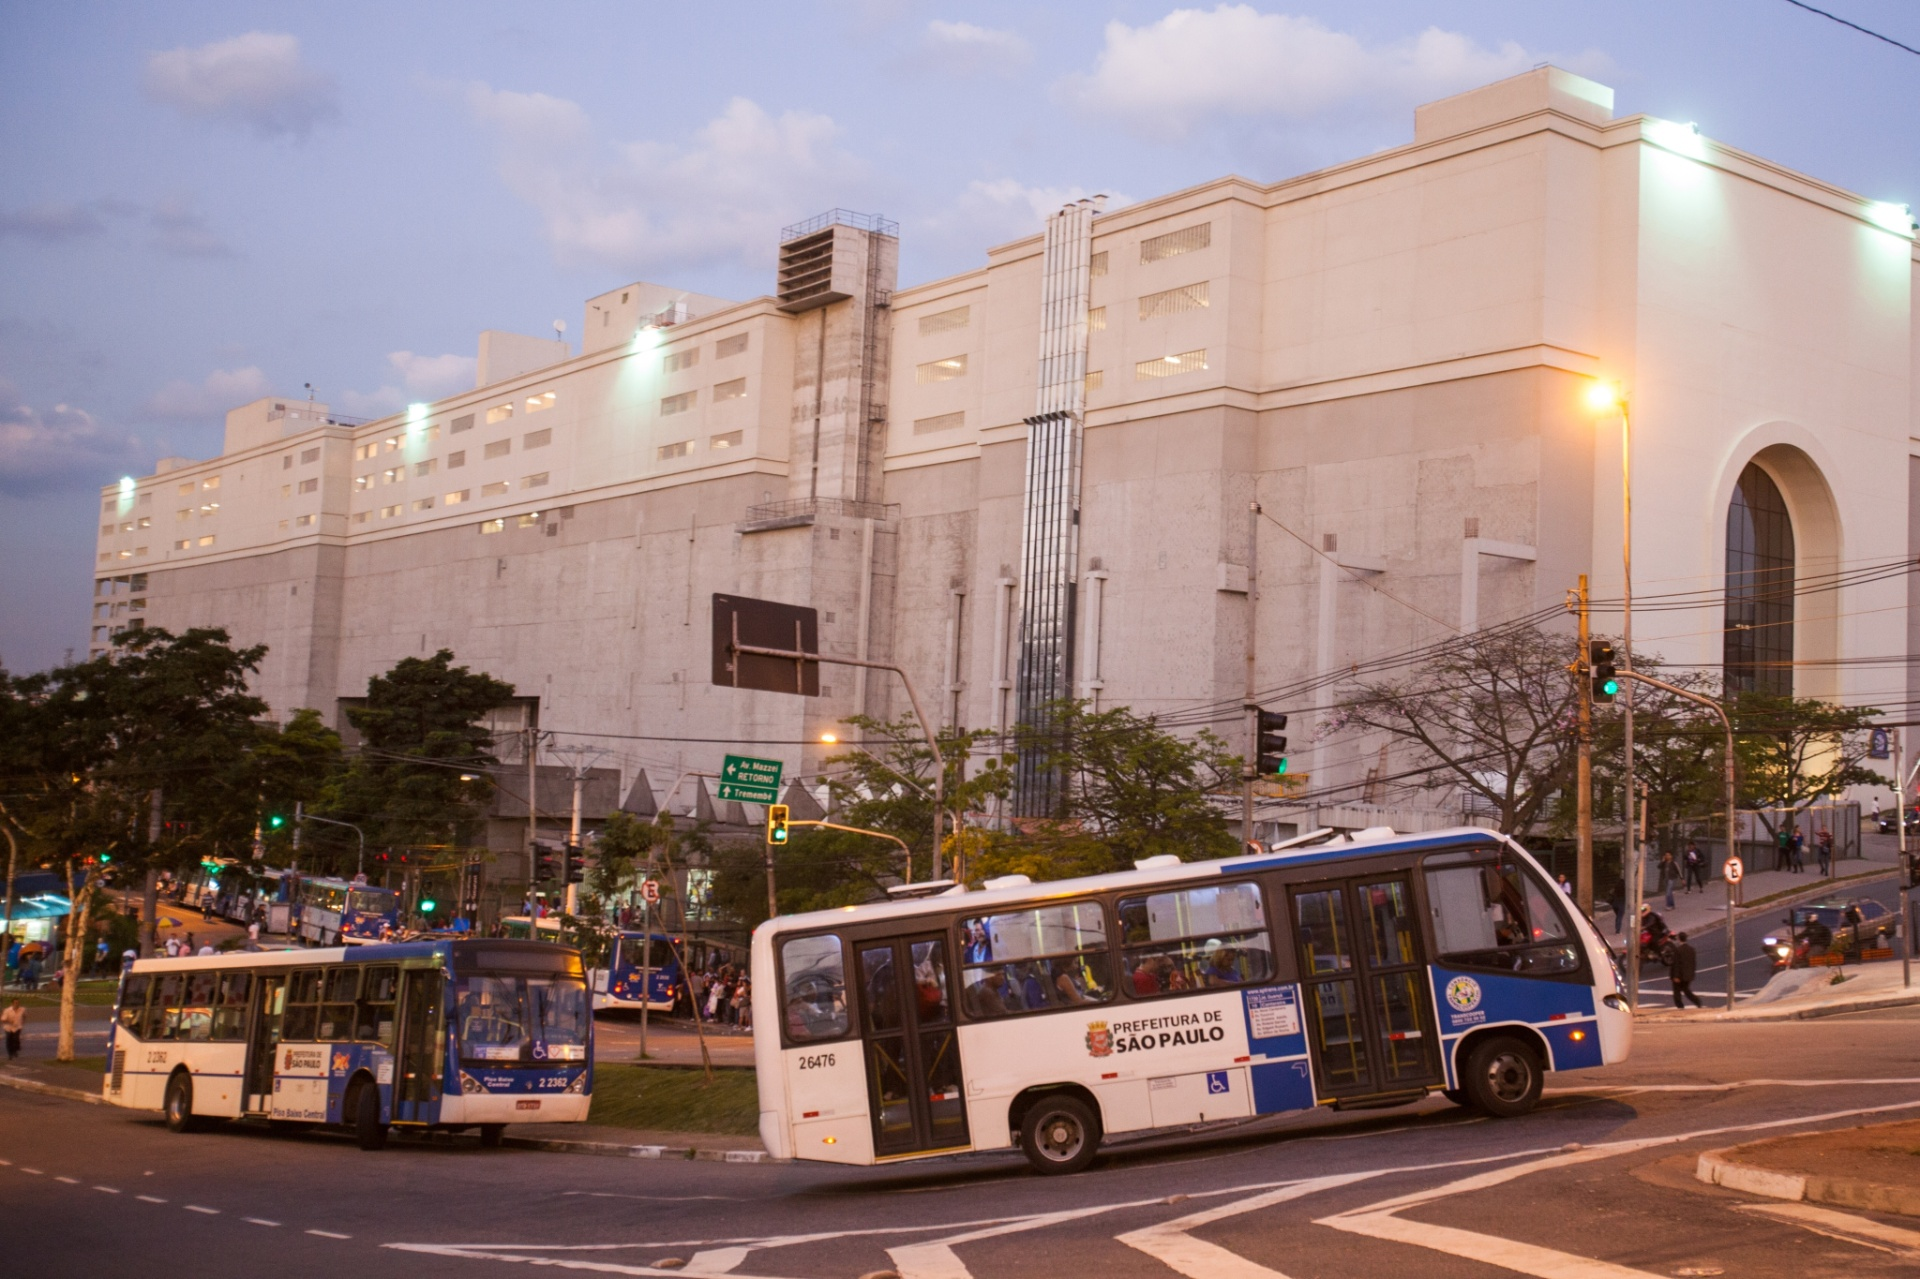 879242804eb1b Conselho da JHSF aprova proposta de venda de Shopping Metrô Tucuruvi por R   440 milhões - 12 09 2016 - UOL Economia